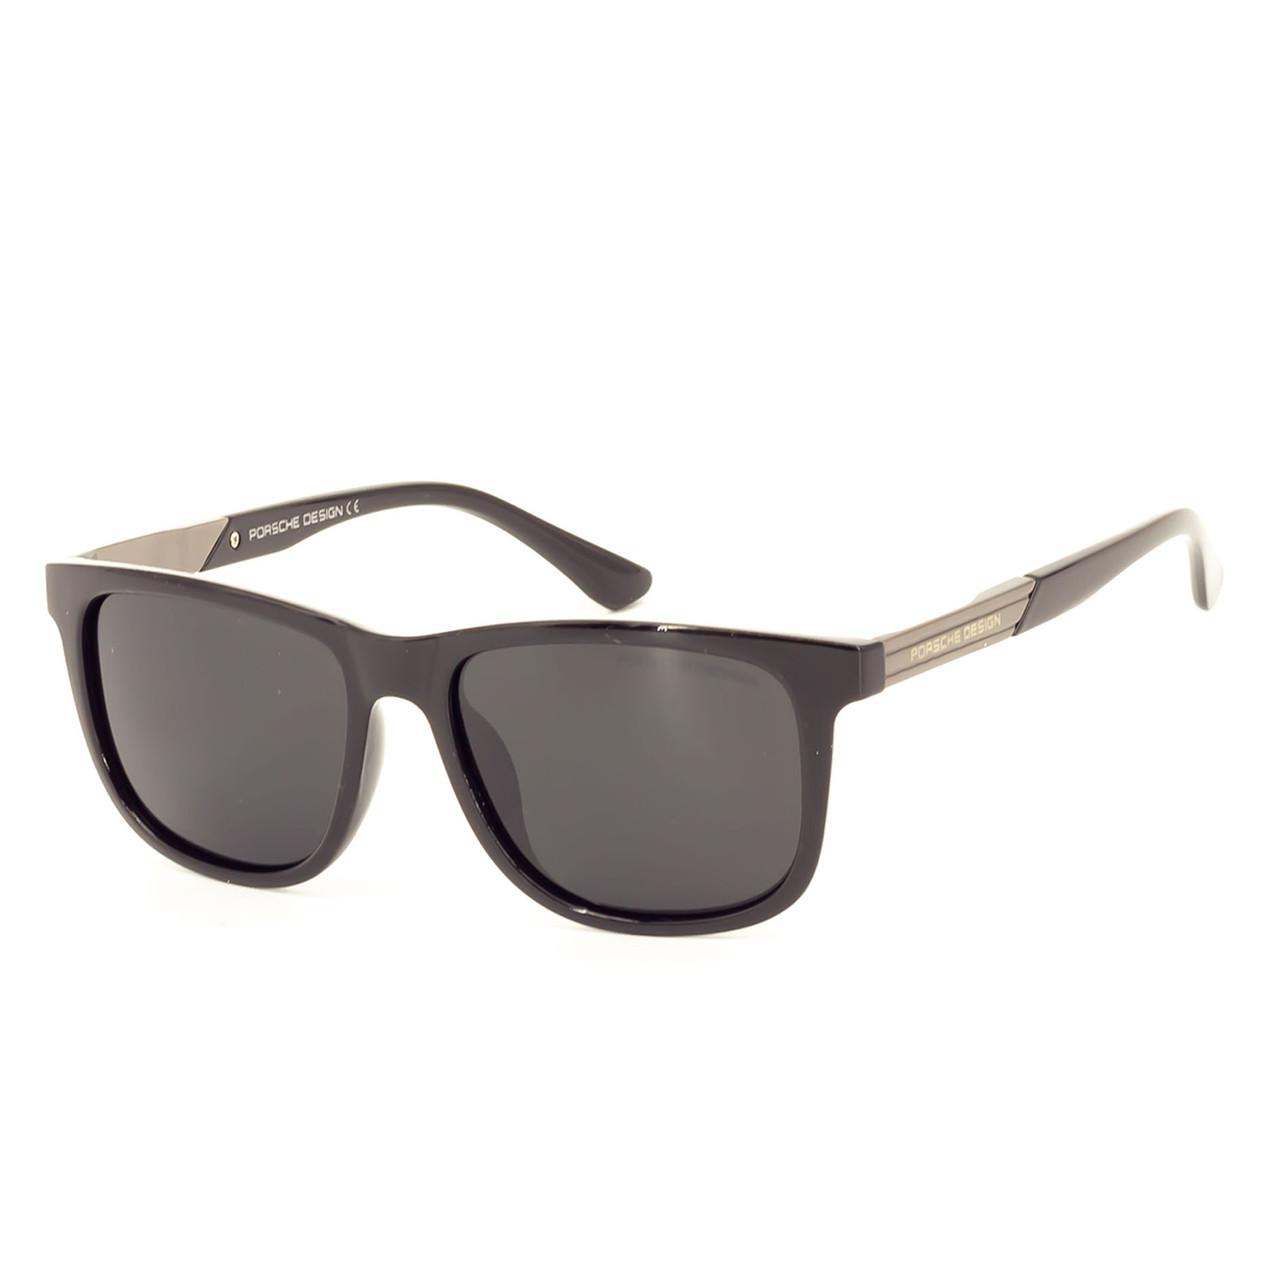 Солнцезащитные очки Porsche RP9003 C2 черные глянцевые    ( RP9003-02 )